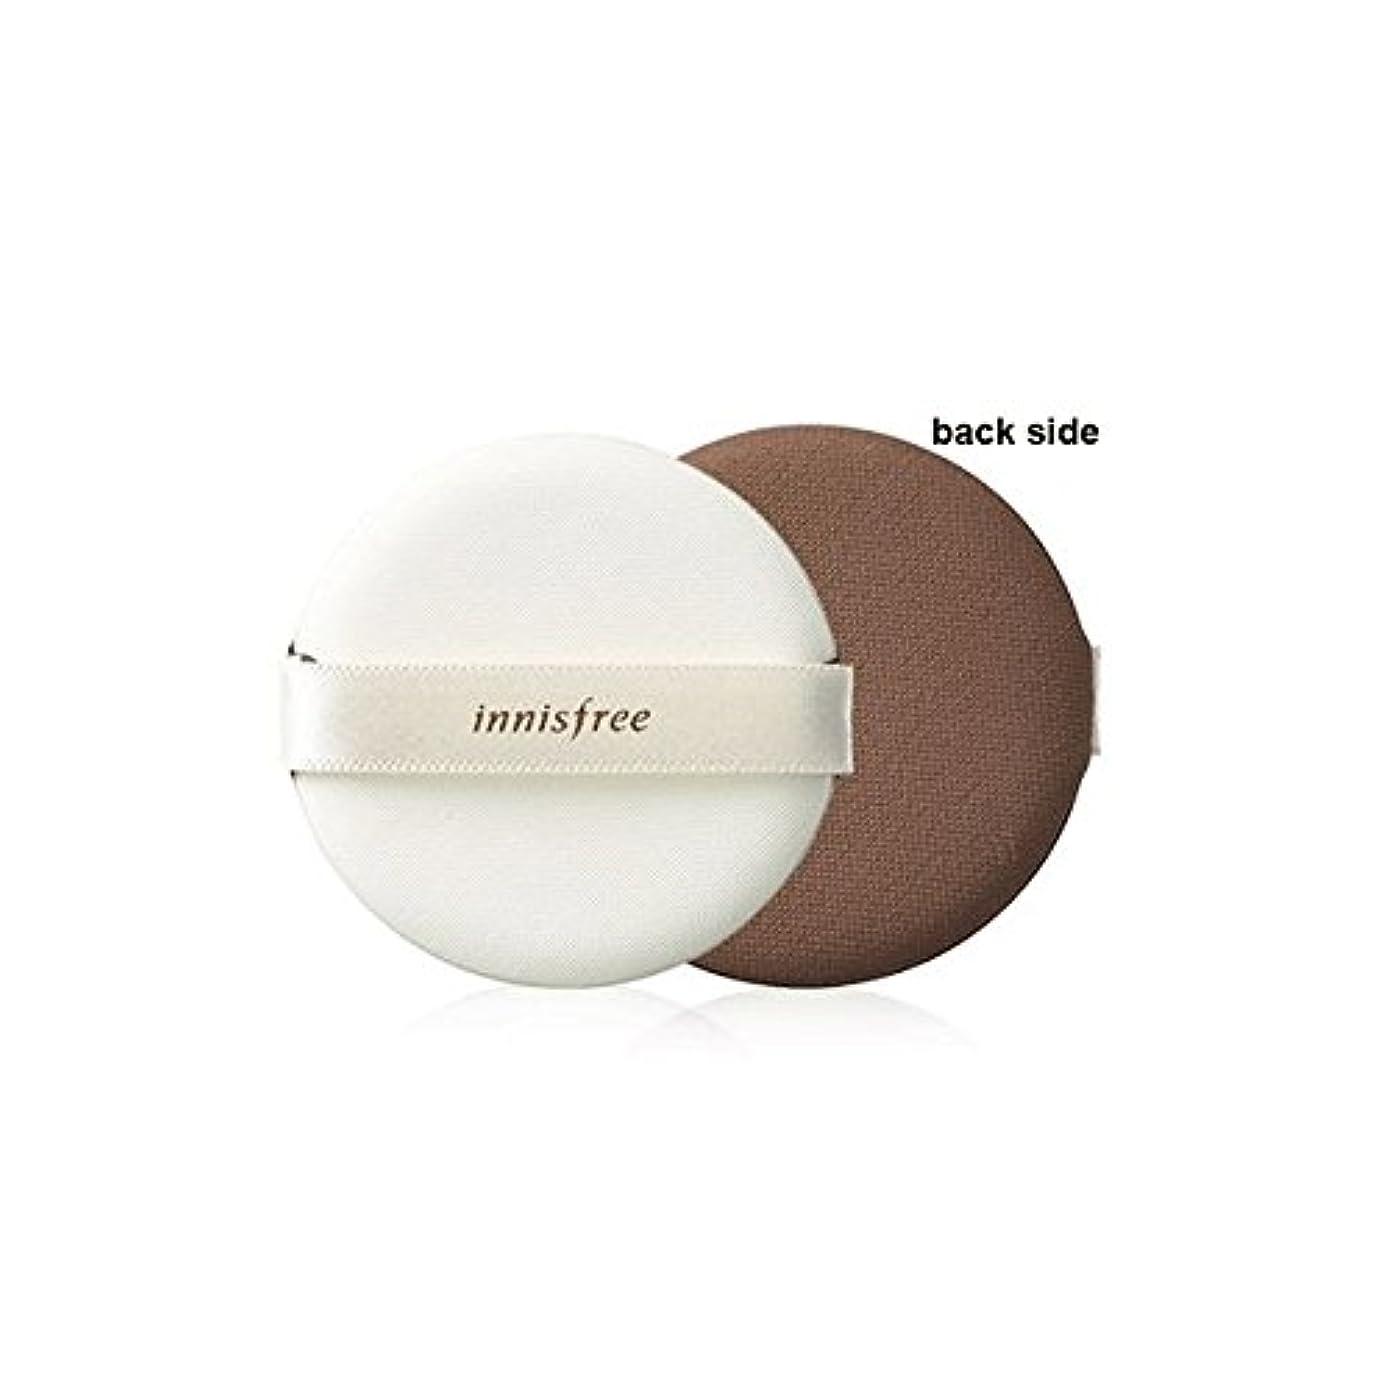 トライアスリート少年徴収[イニスプリー] Innisfree エアマジックパフ-密着 [Innisfree] Eco Beauty Tool Air Magic Puff-Fitting [海外直送品]